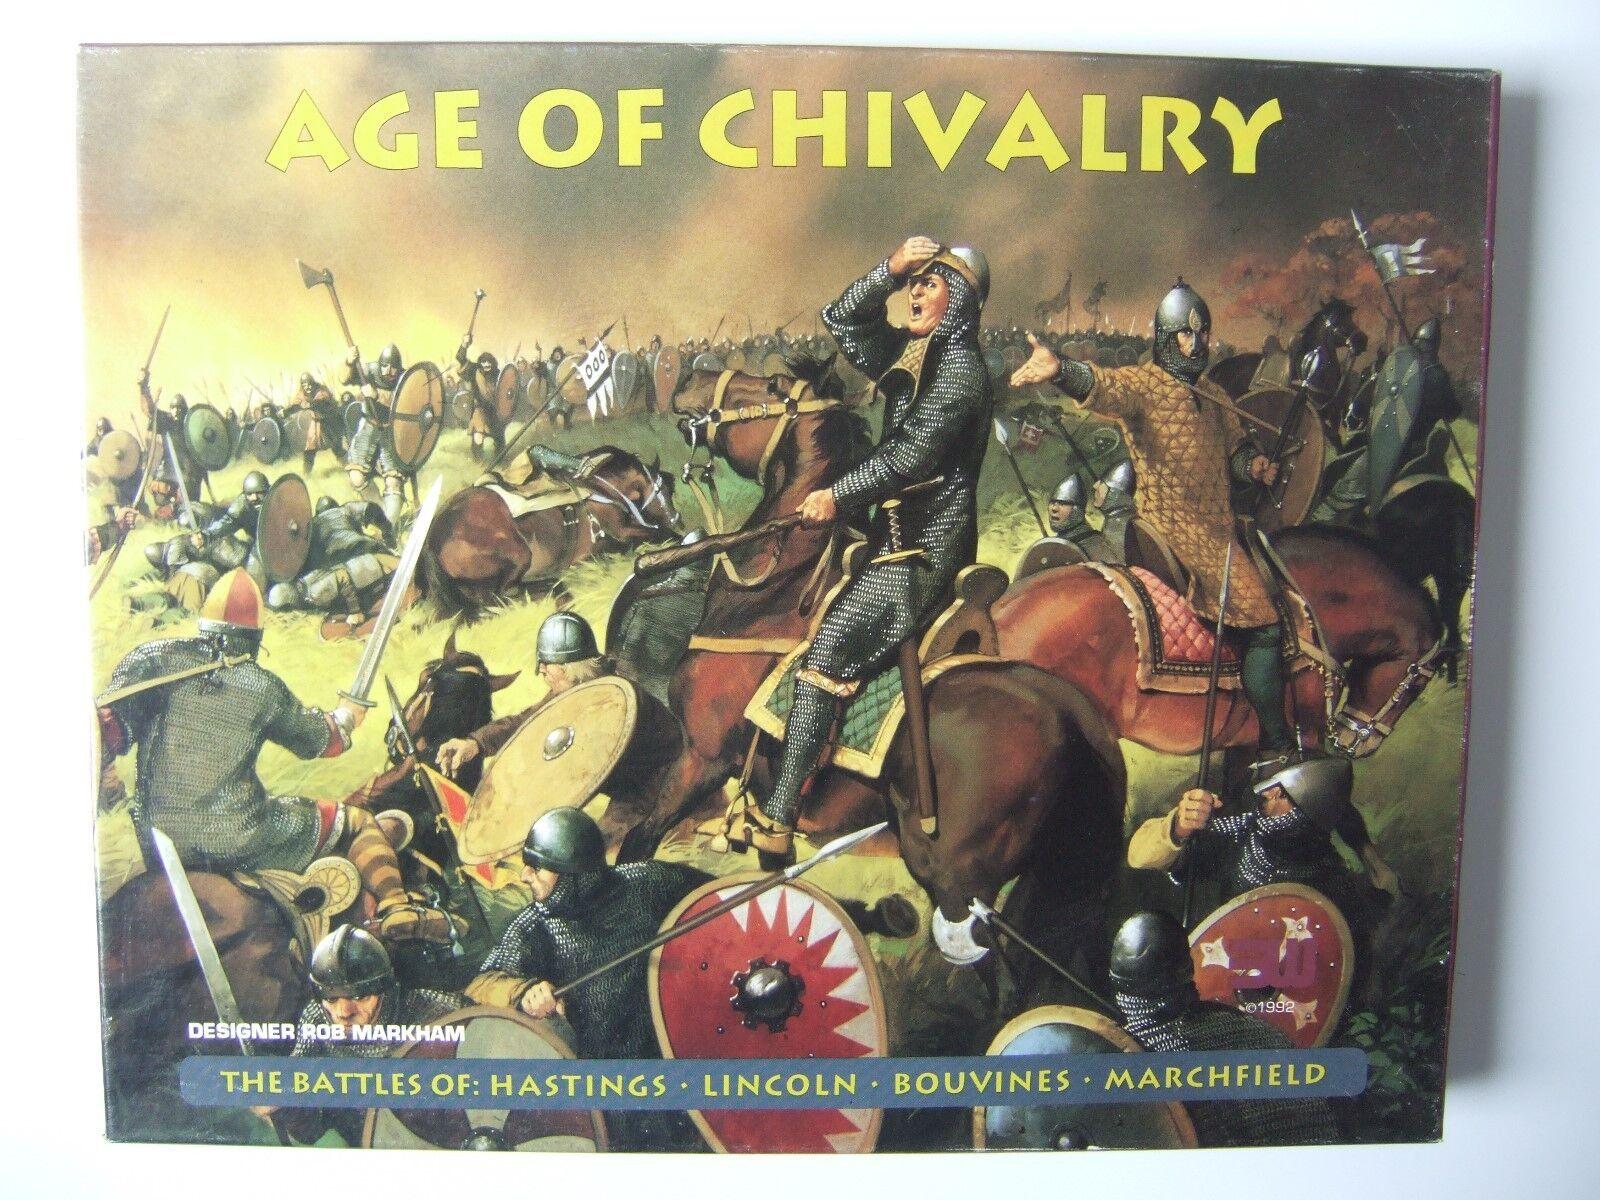 Era della Cavalleria-Hastings, Lincoln, Bouvines, marchfield da 3W-integro